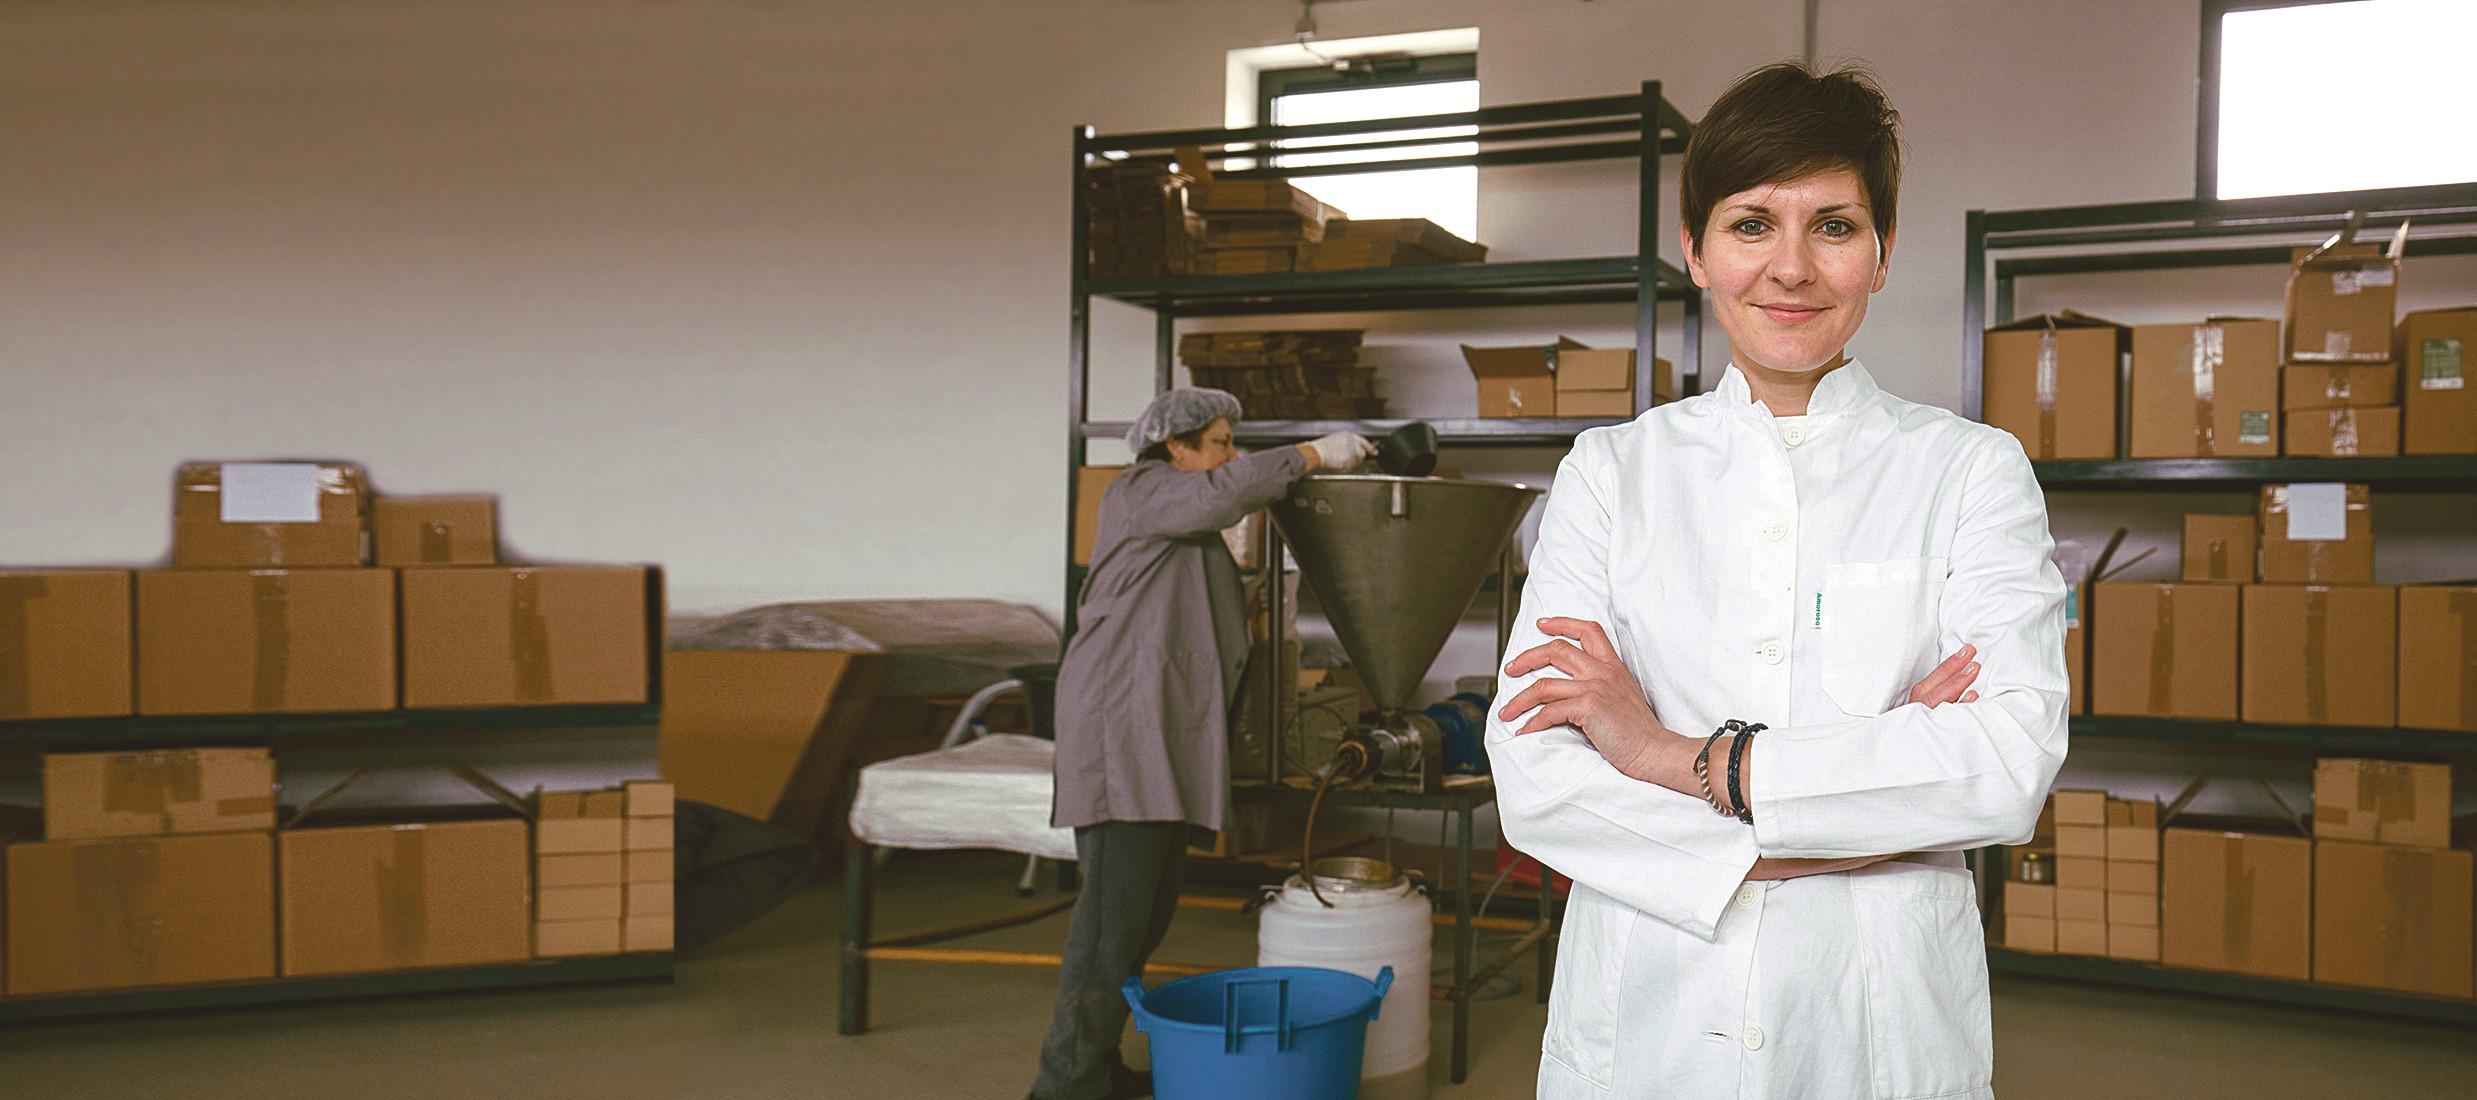 Maja Lazić, diplomirana inženjerka izabrala je povratak prirodi